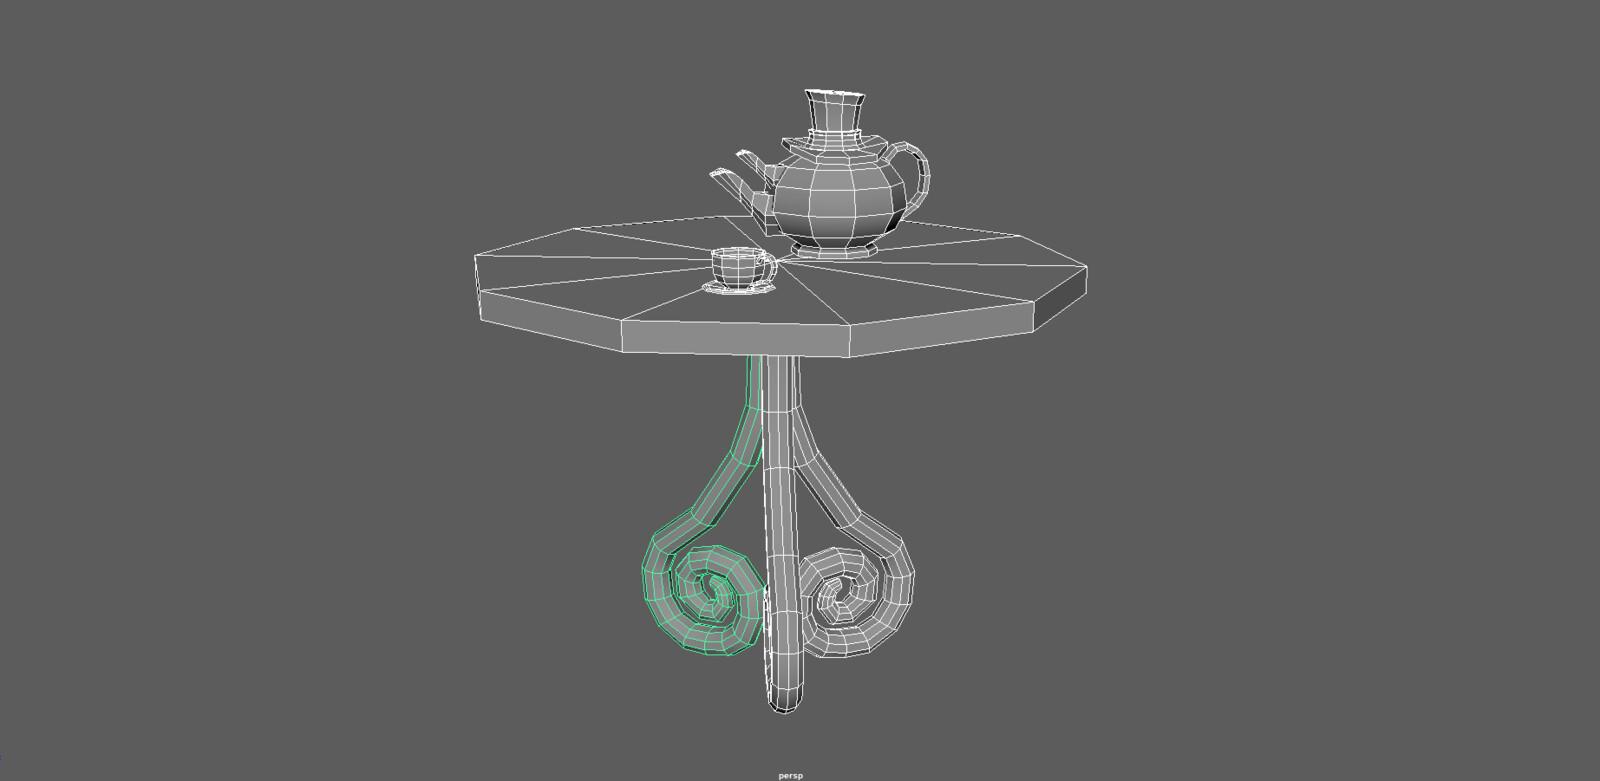 Initial model created in Maya